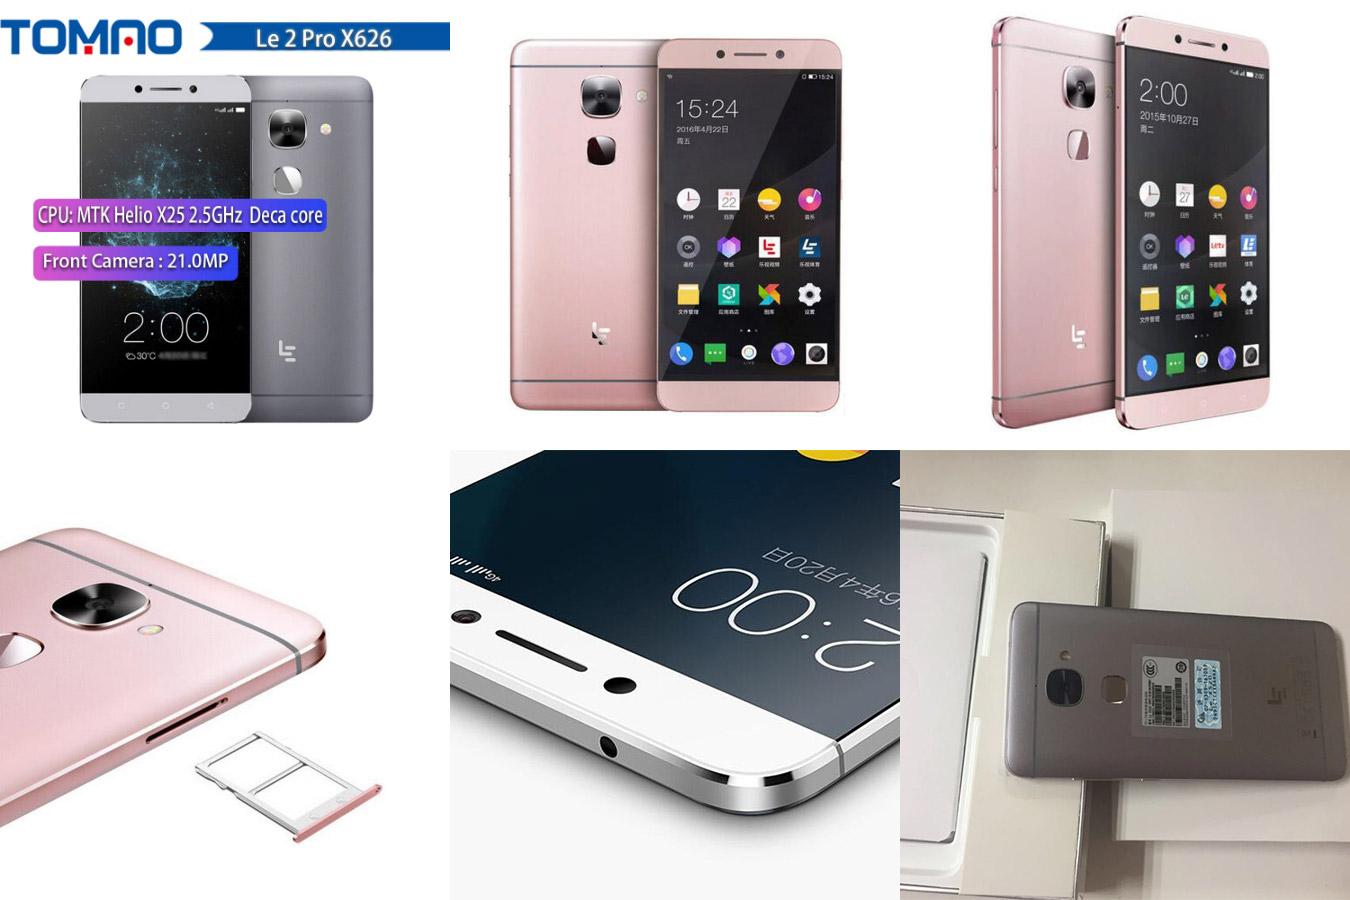 Недорогой качественный смартфон Letv LeEco Le S3 X626